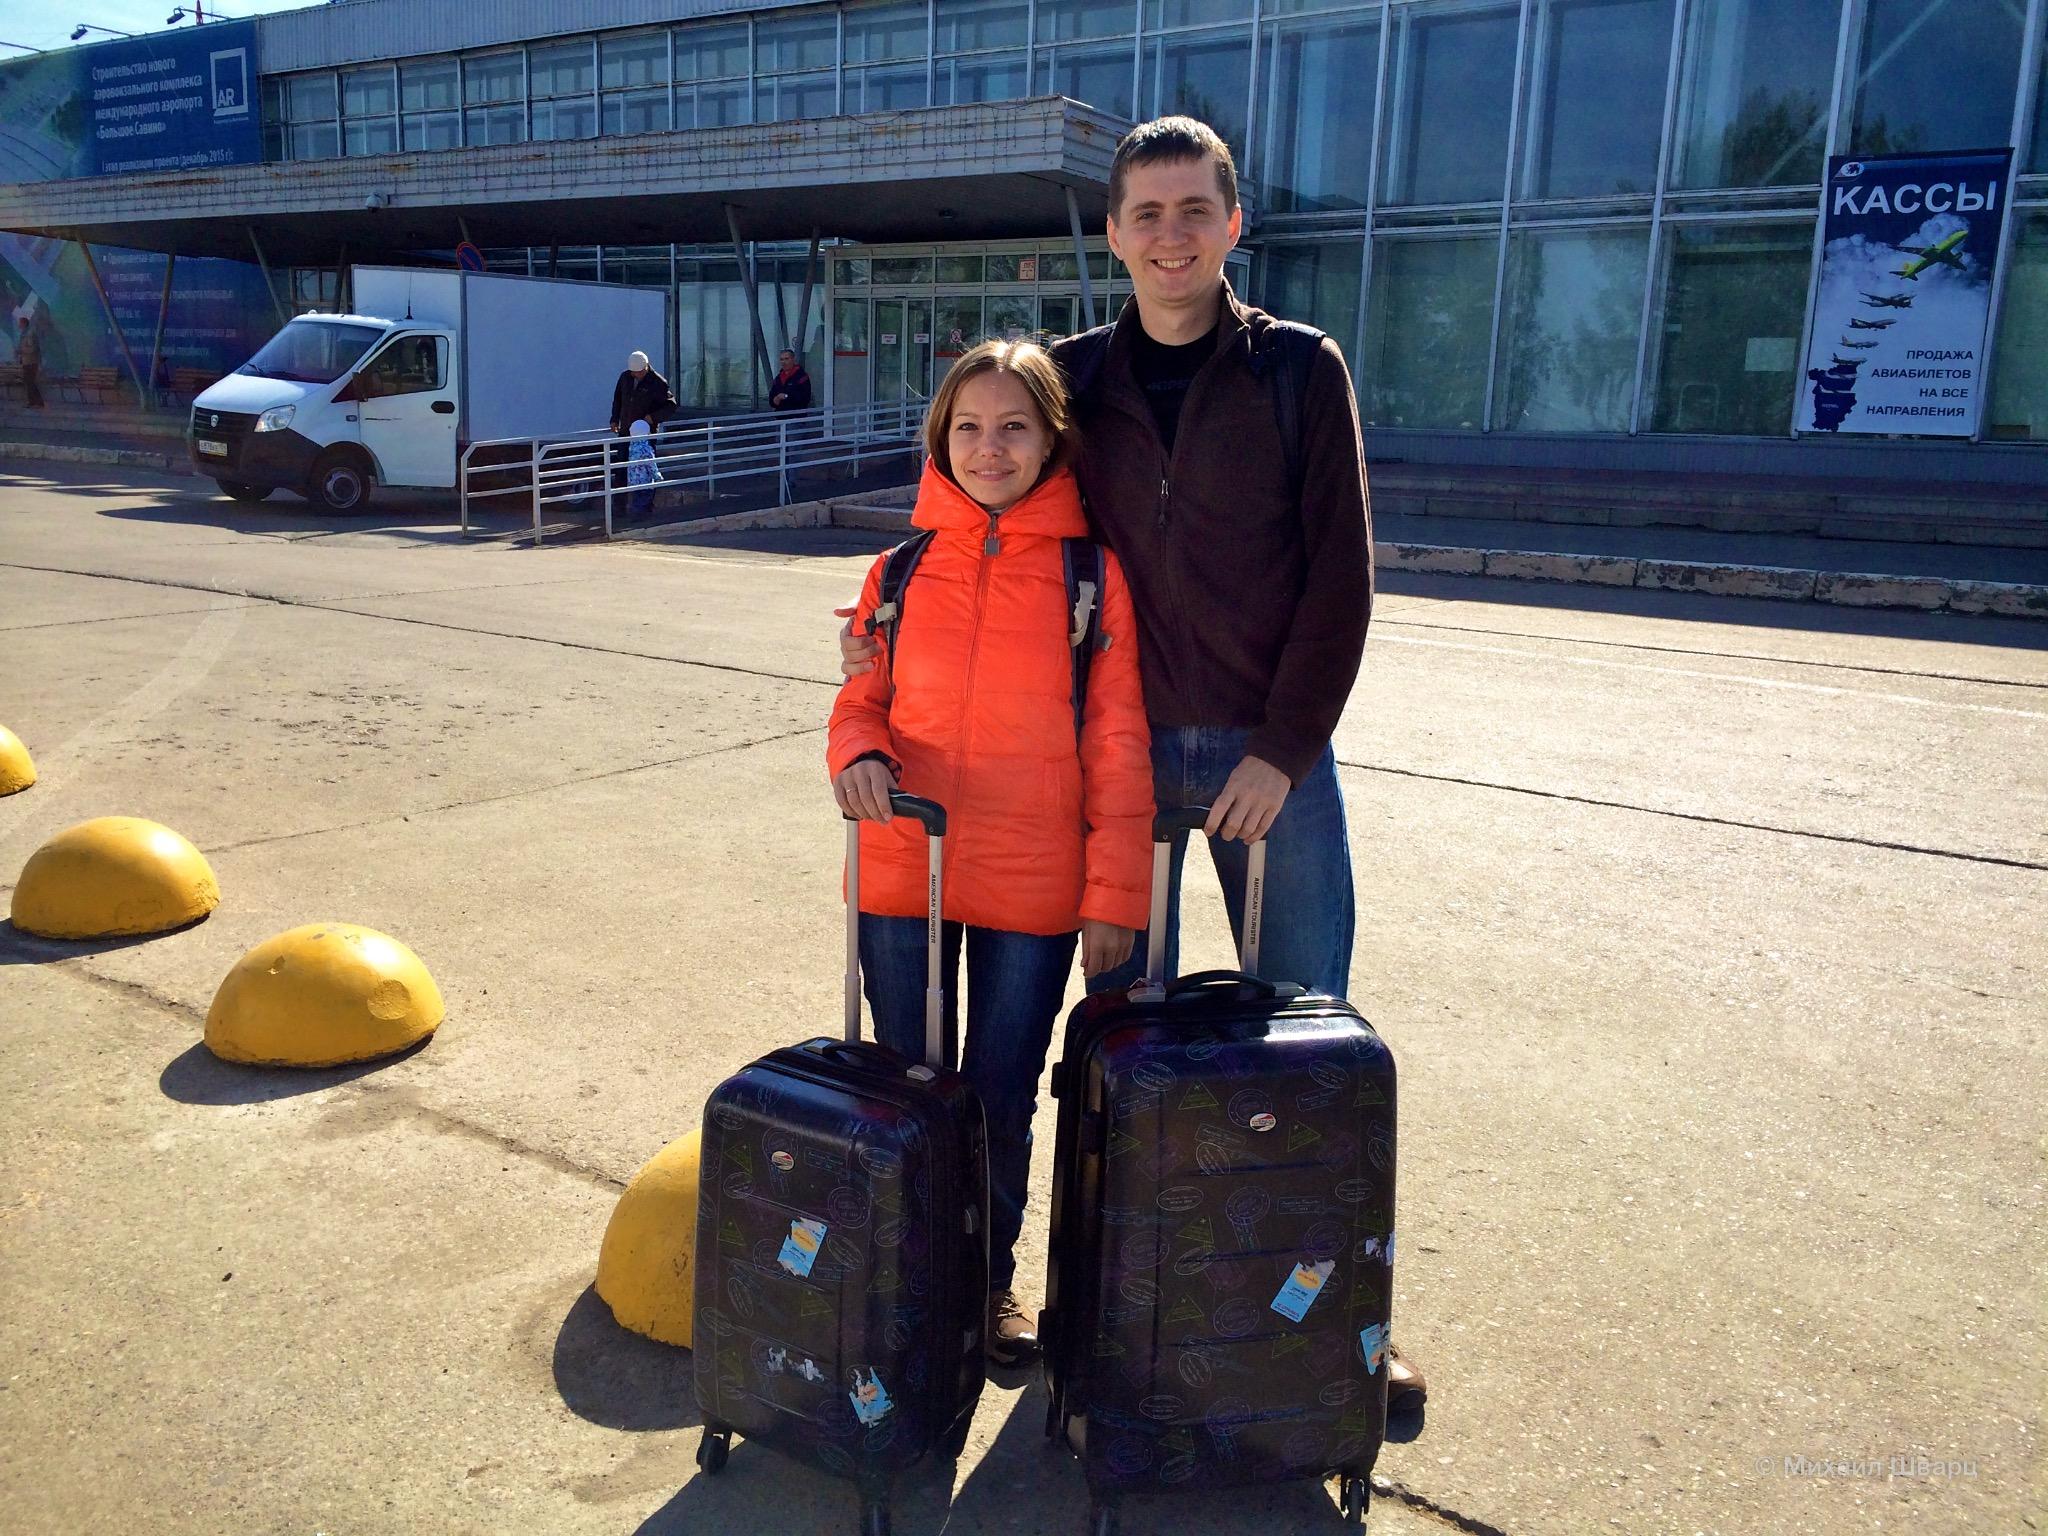 Как мы потеряли багаж и почему не получили страховку